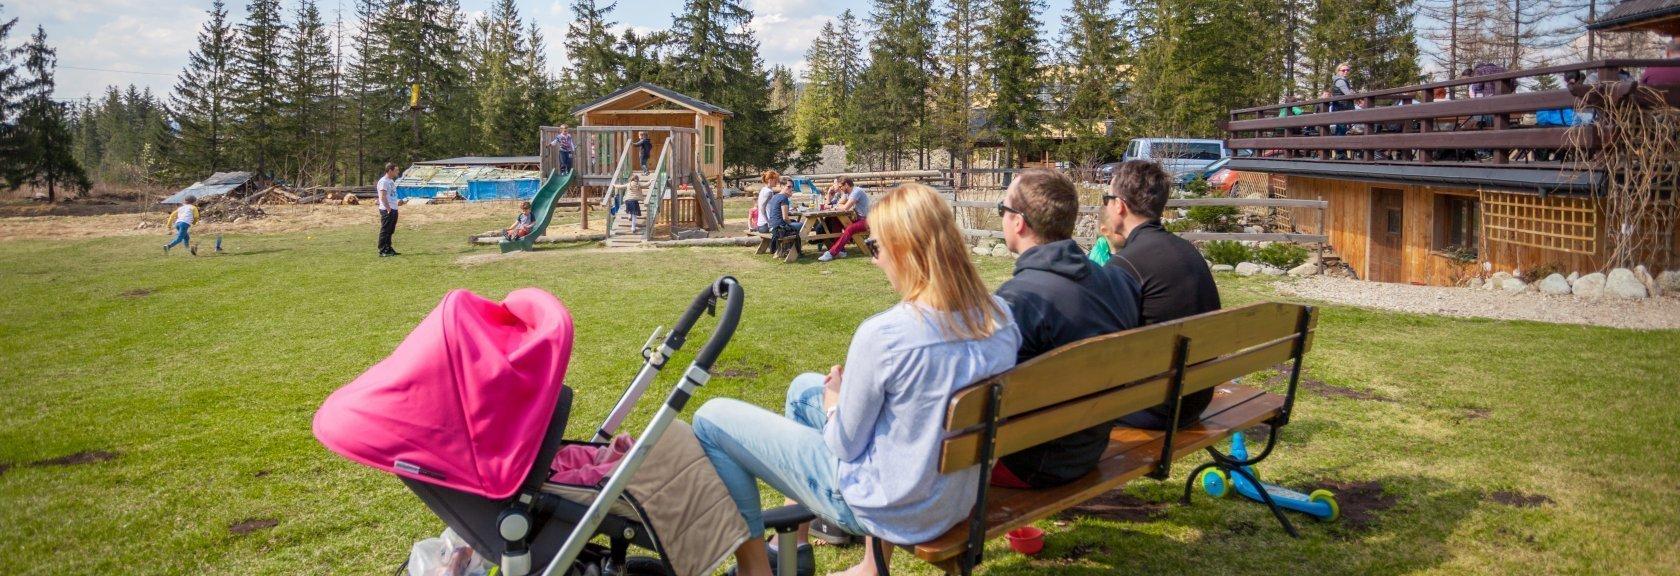 10 najlepszych atrakcji w Zakopanem dla rodzin z dziećmi